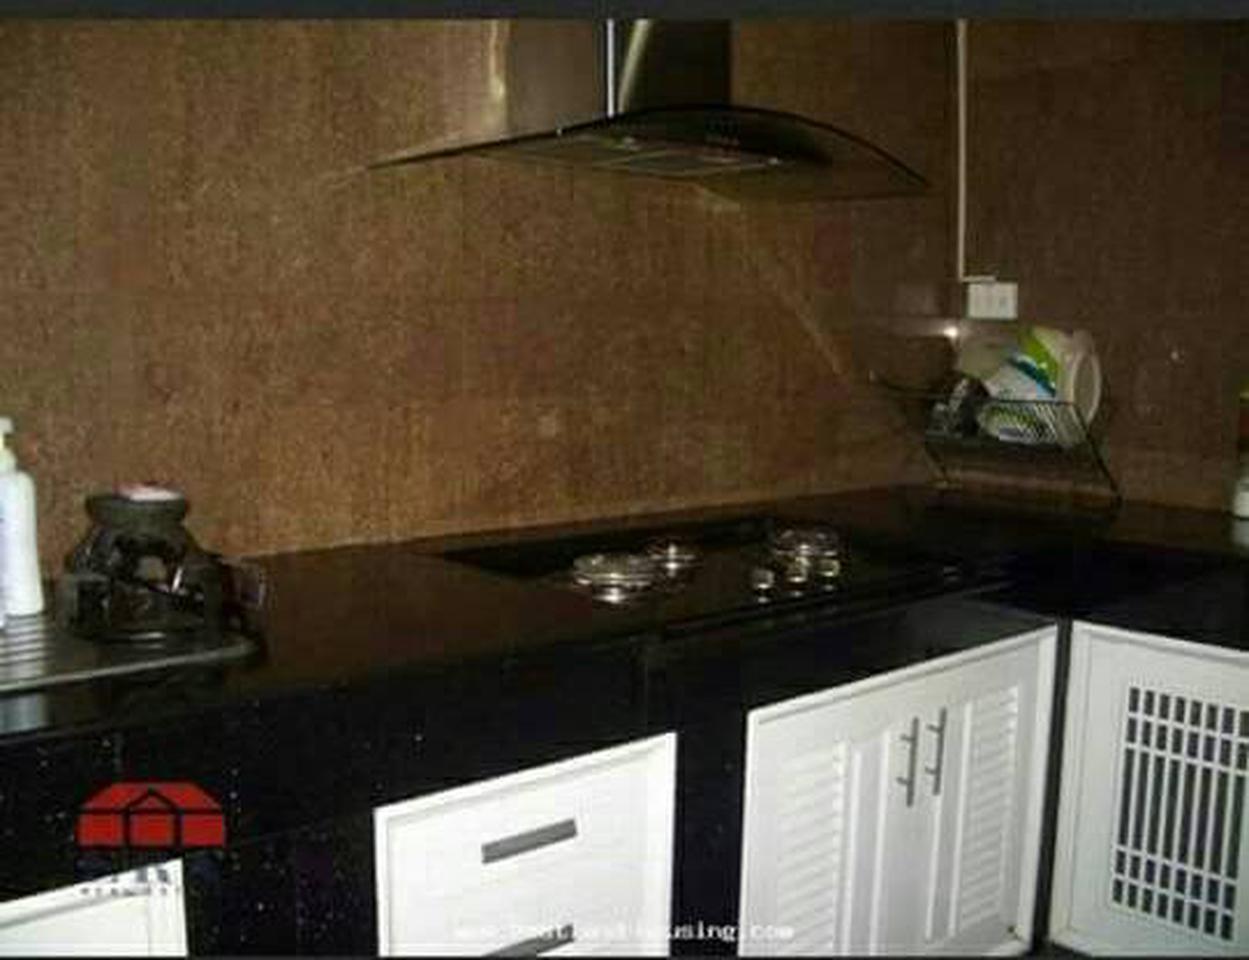 ขาย/เช่า  บ้านเดี่ยวราคาถูก รูปที่ 3